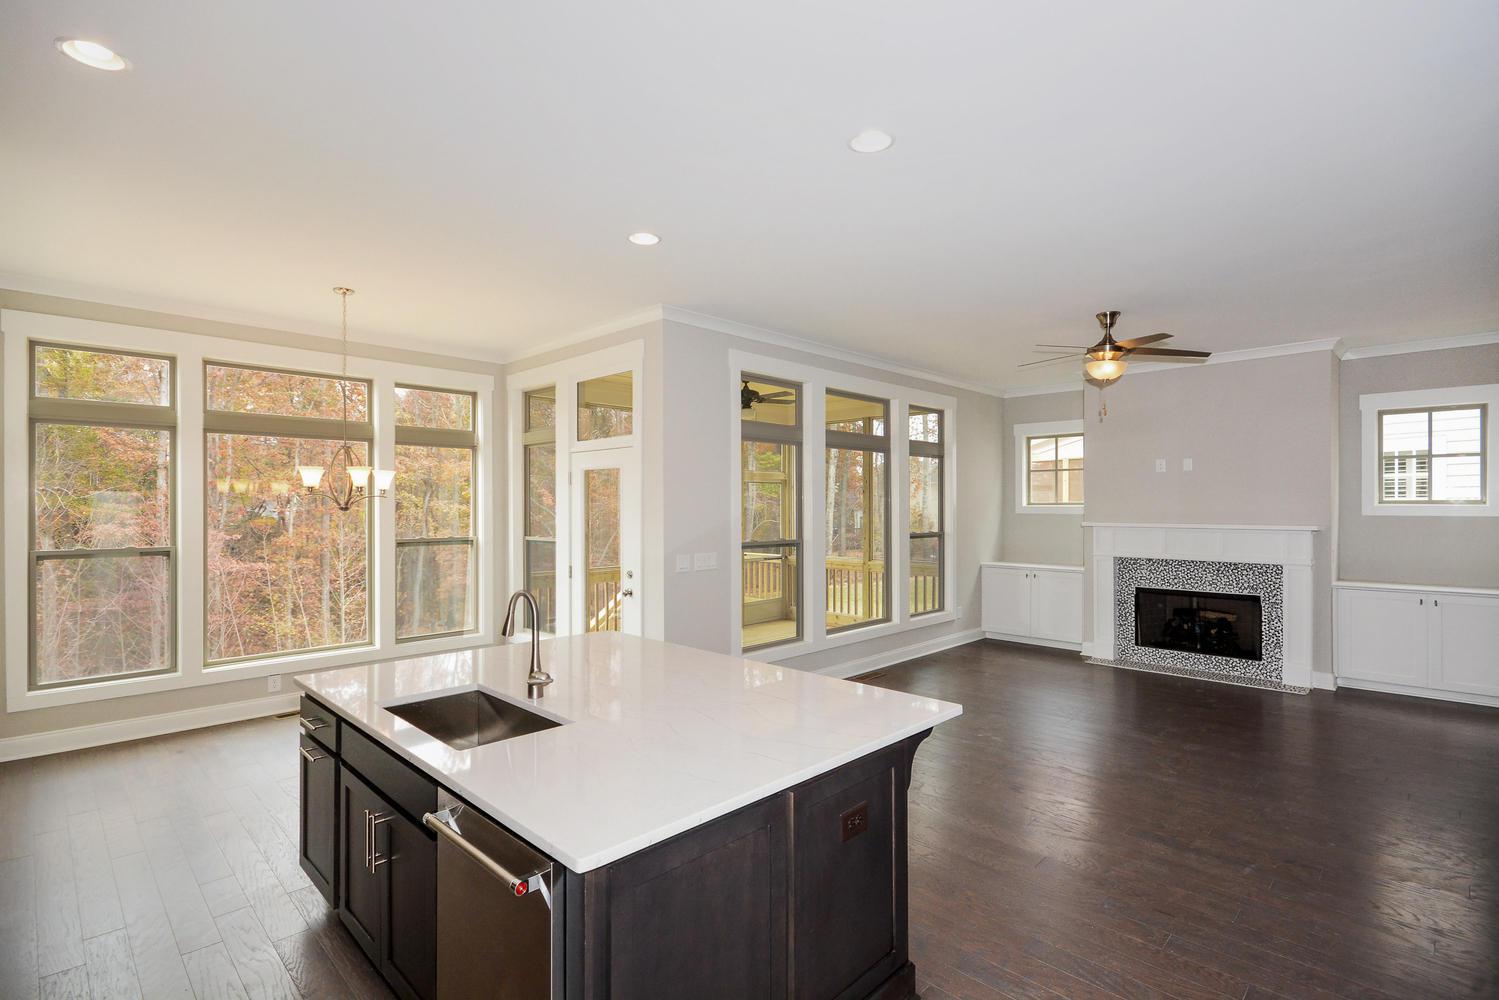 Dunes West Homes For Sale - 2949 Minnow, Mount Pleasant, SC - 13